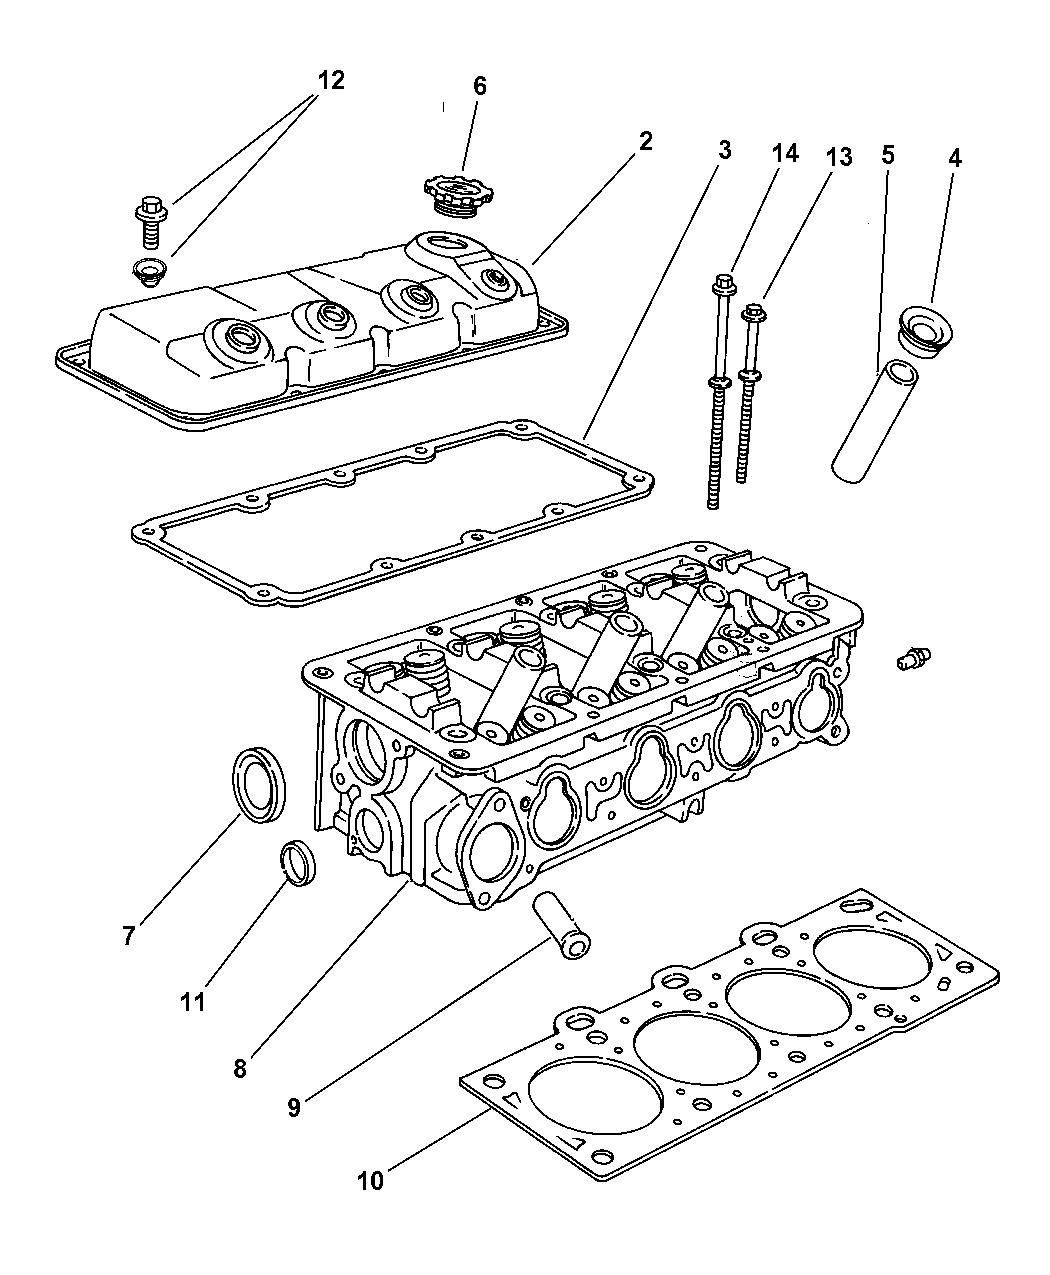 Genuine Dodge GASKET PKG-CYLINDER HEAD